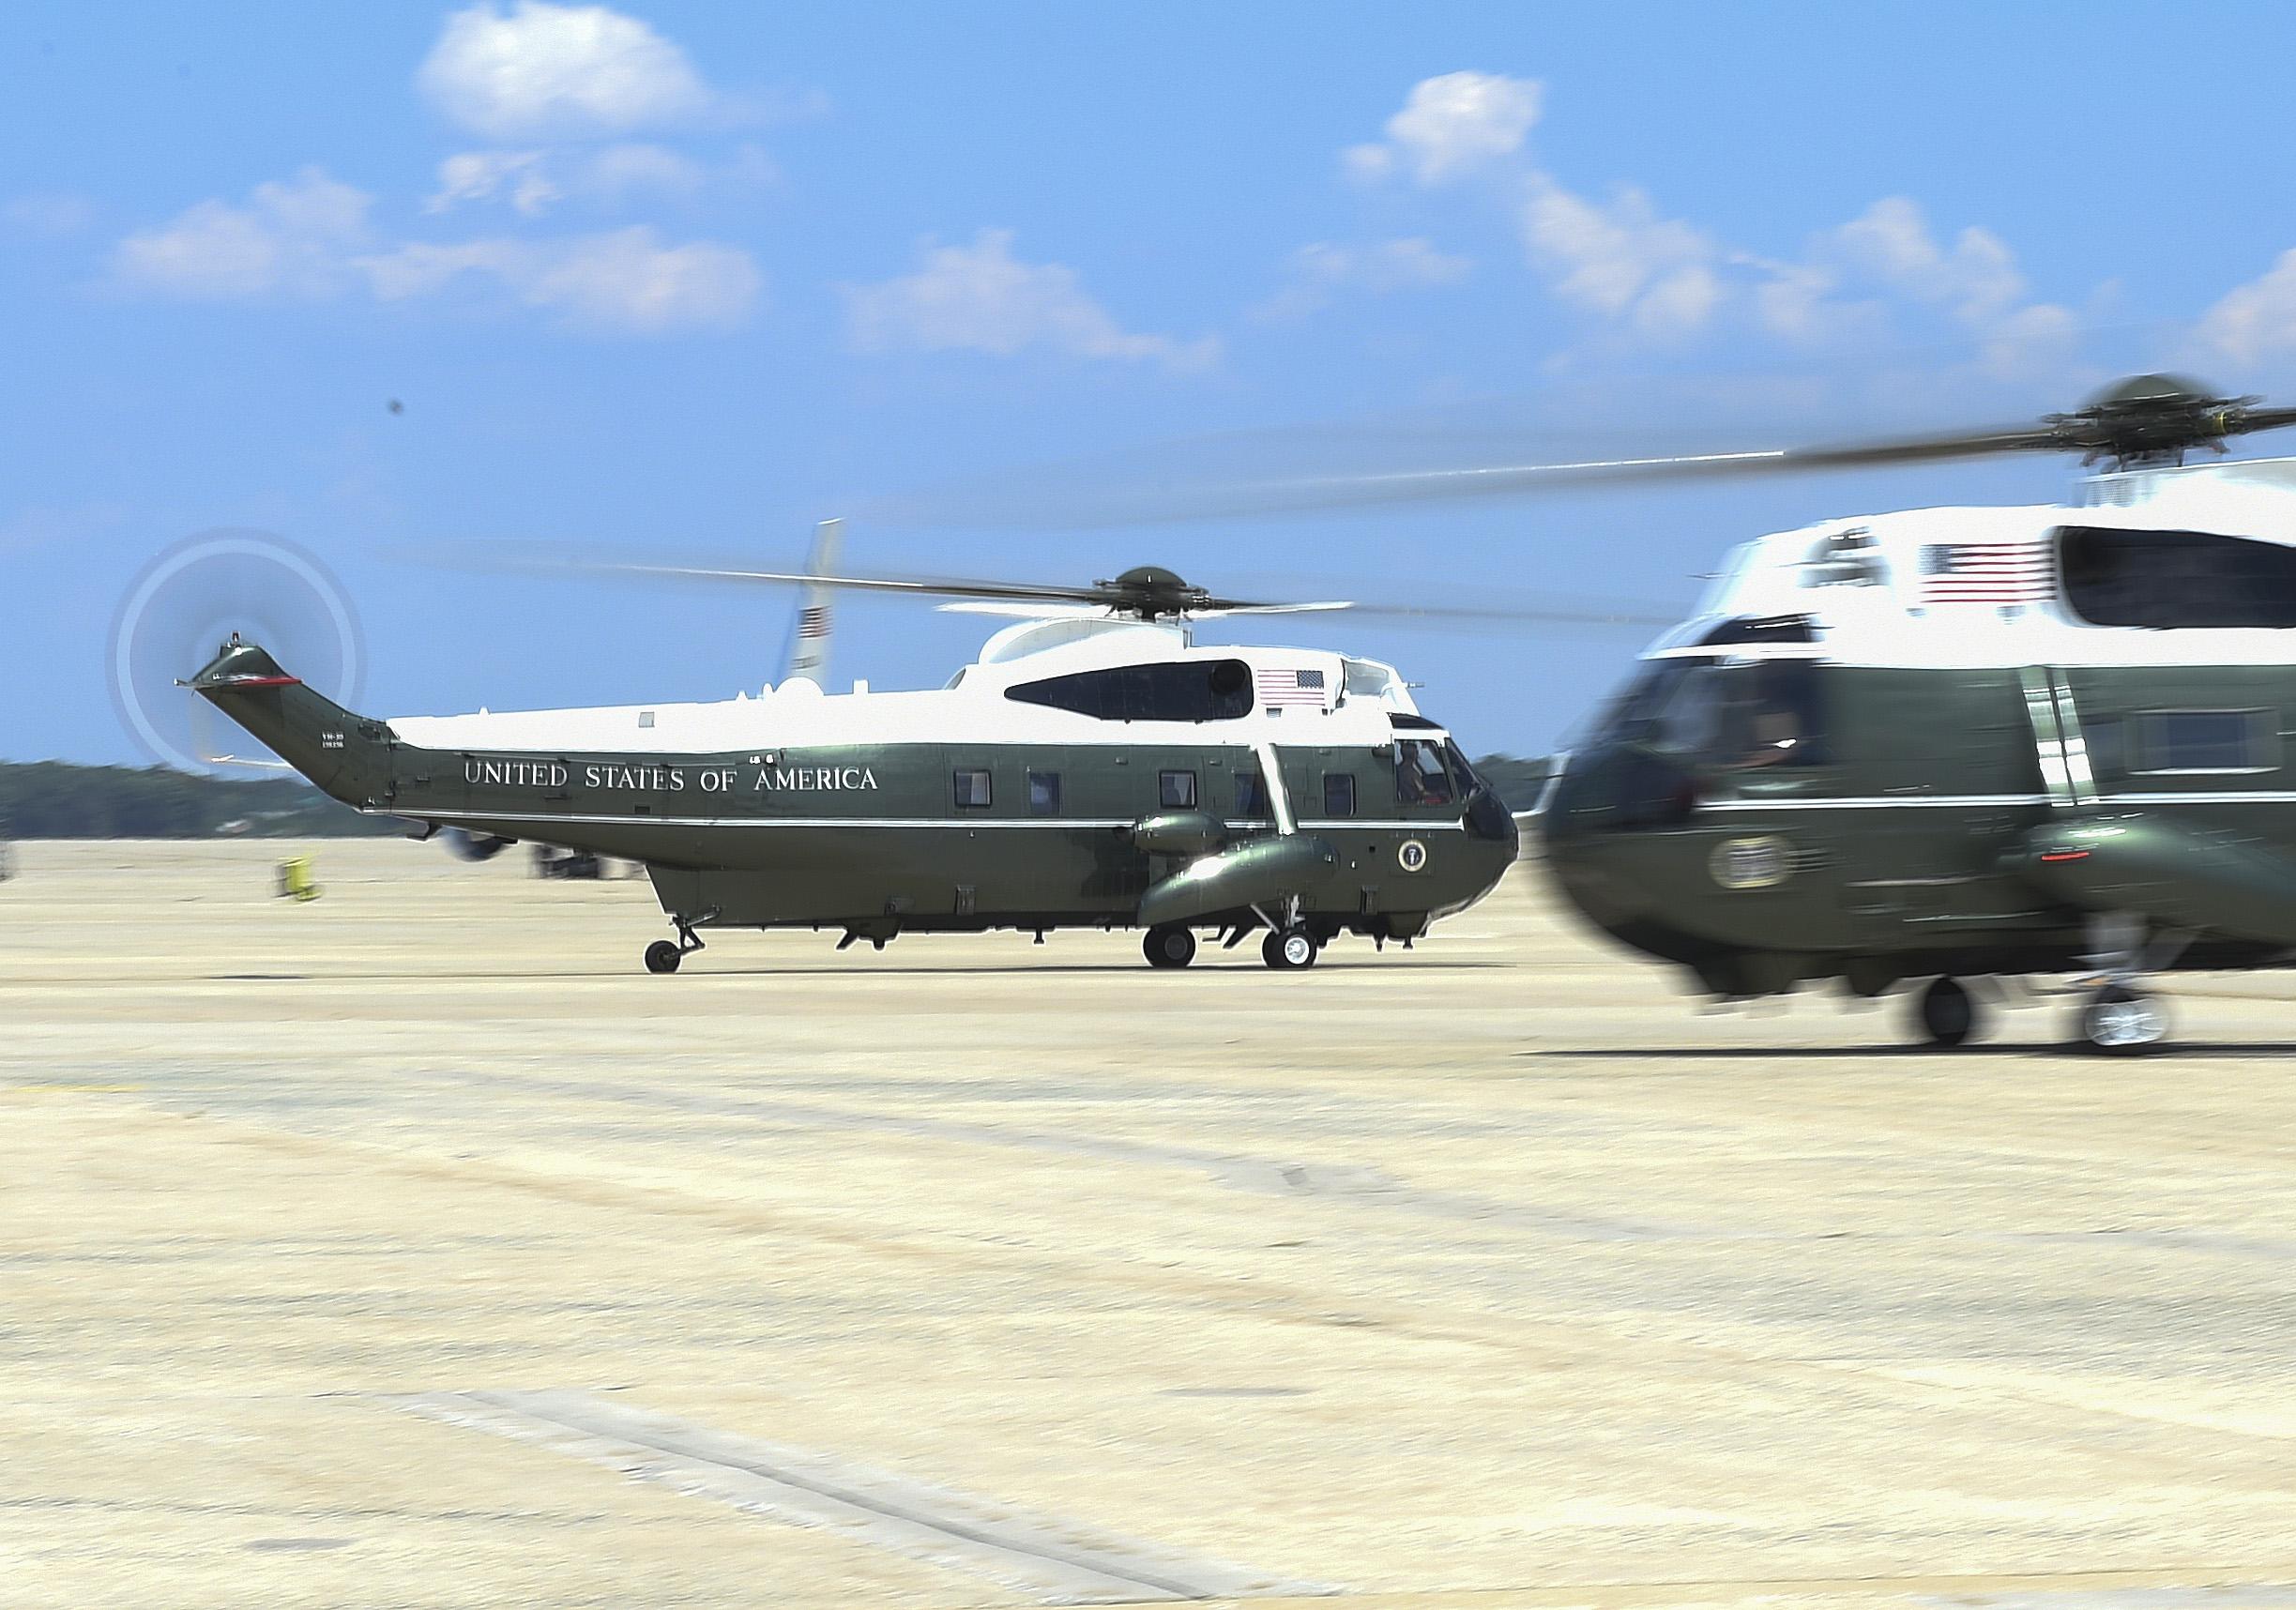 سرب طائرات مارين ون يضم 19 طائرة هليكوبتر